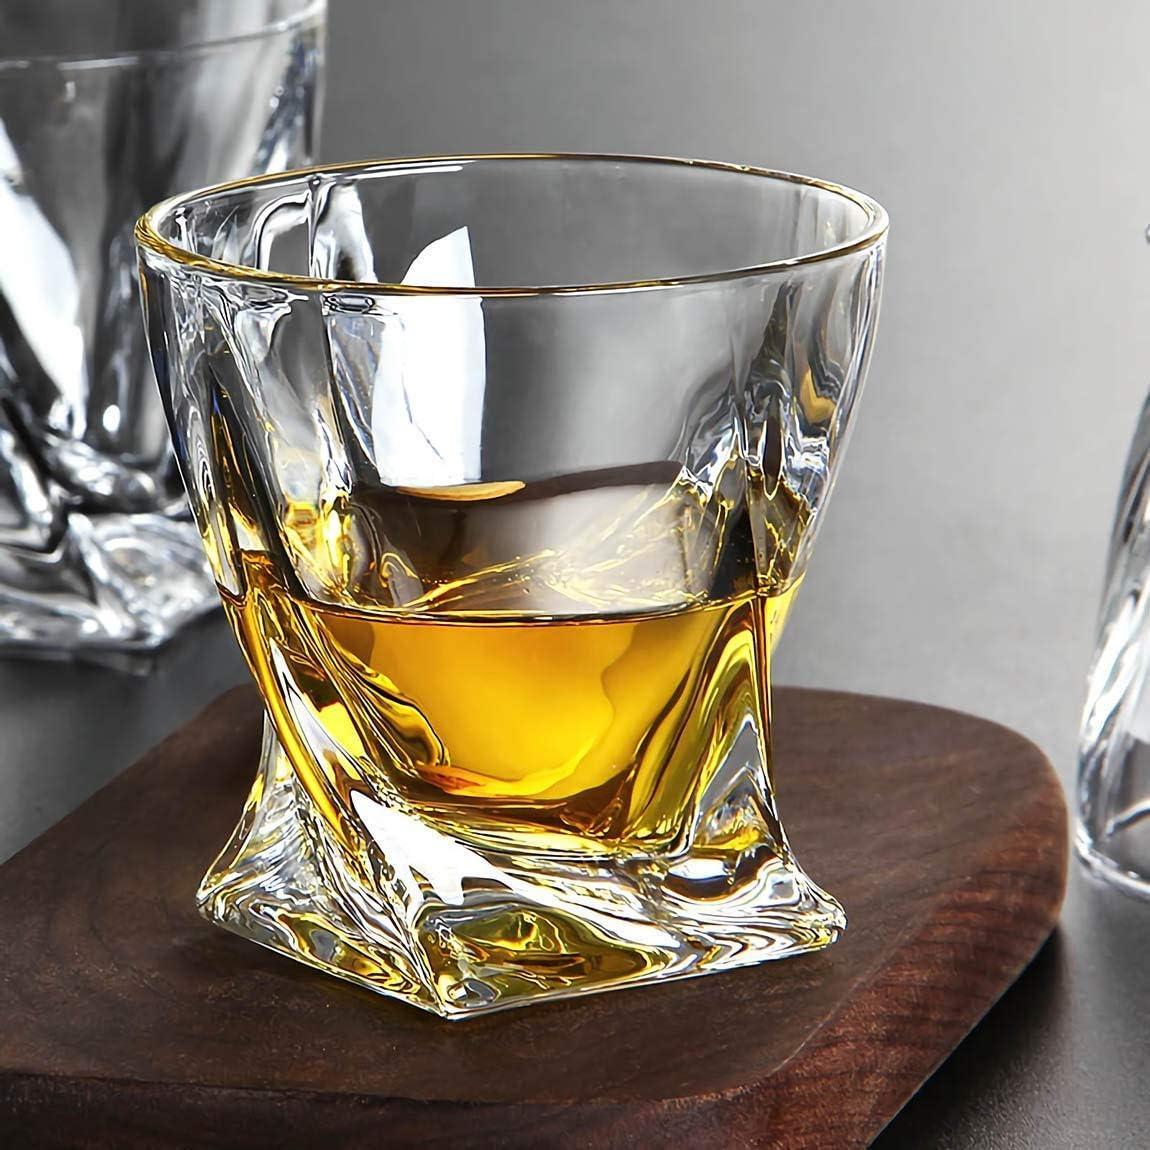 Lawei Lot de 6 verres /à whisky torsad/és en cristal pour d/égustation bourbon cognac Irish Whisky 300 ml